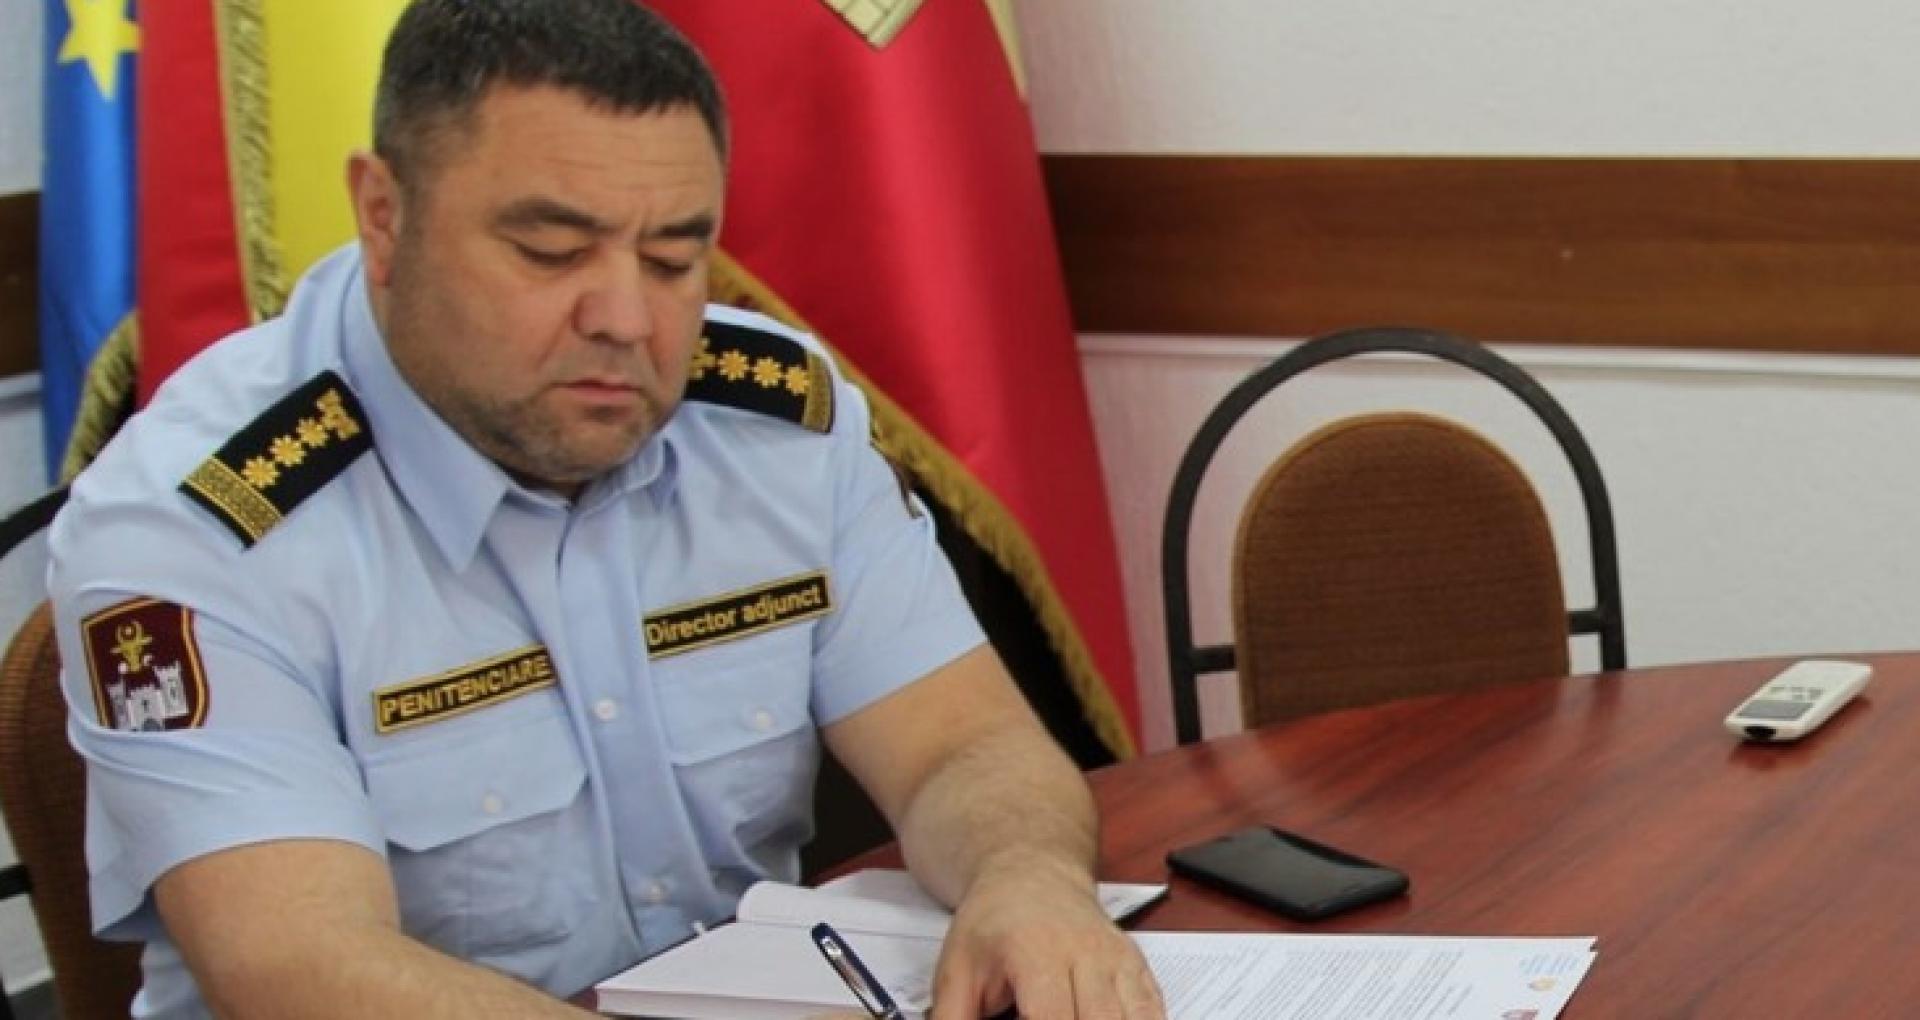 Șeful de direcție al BNM, Ion Ropot, și șeful adjunct al ANP, Serghei Demcenco, plasați din nou în izolator